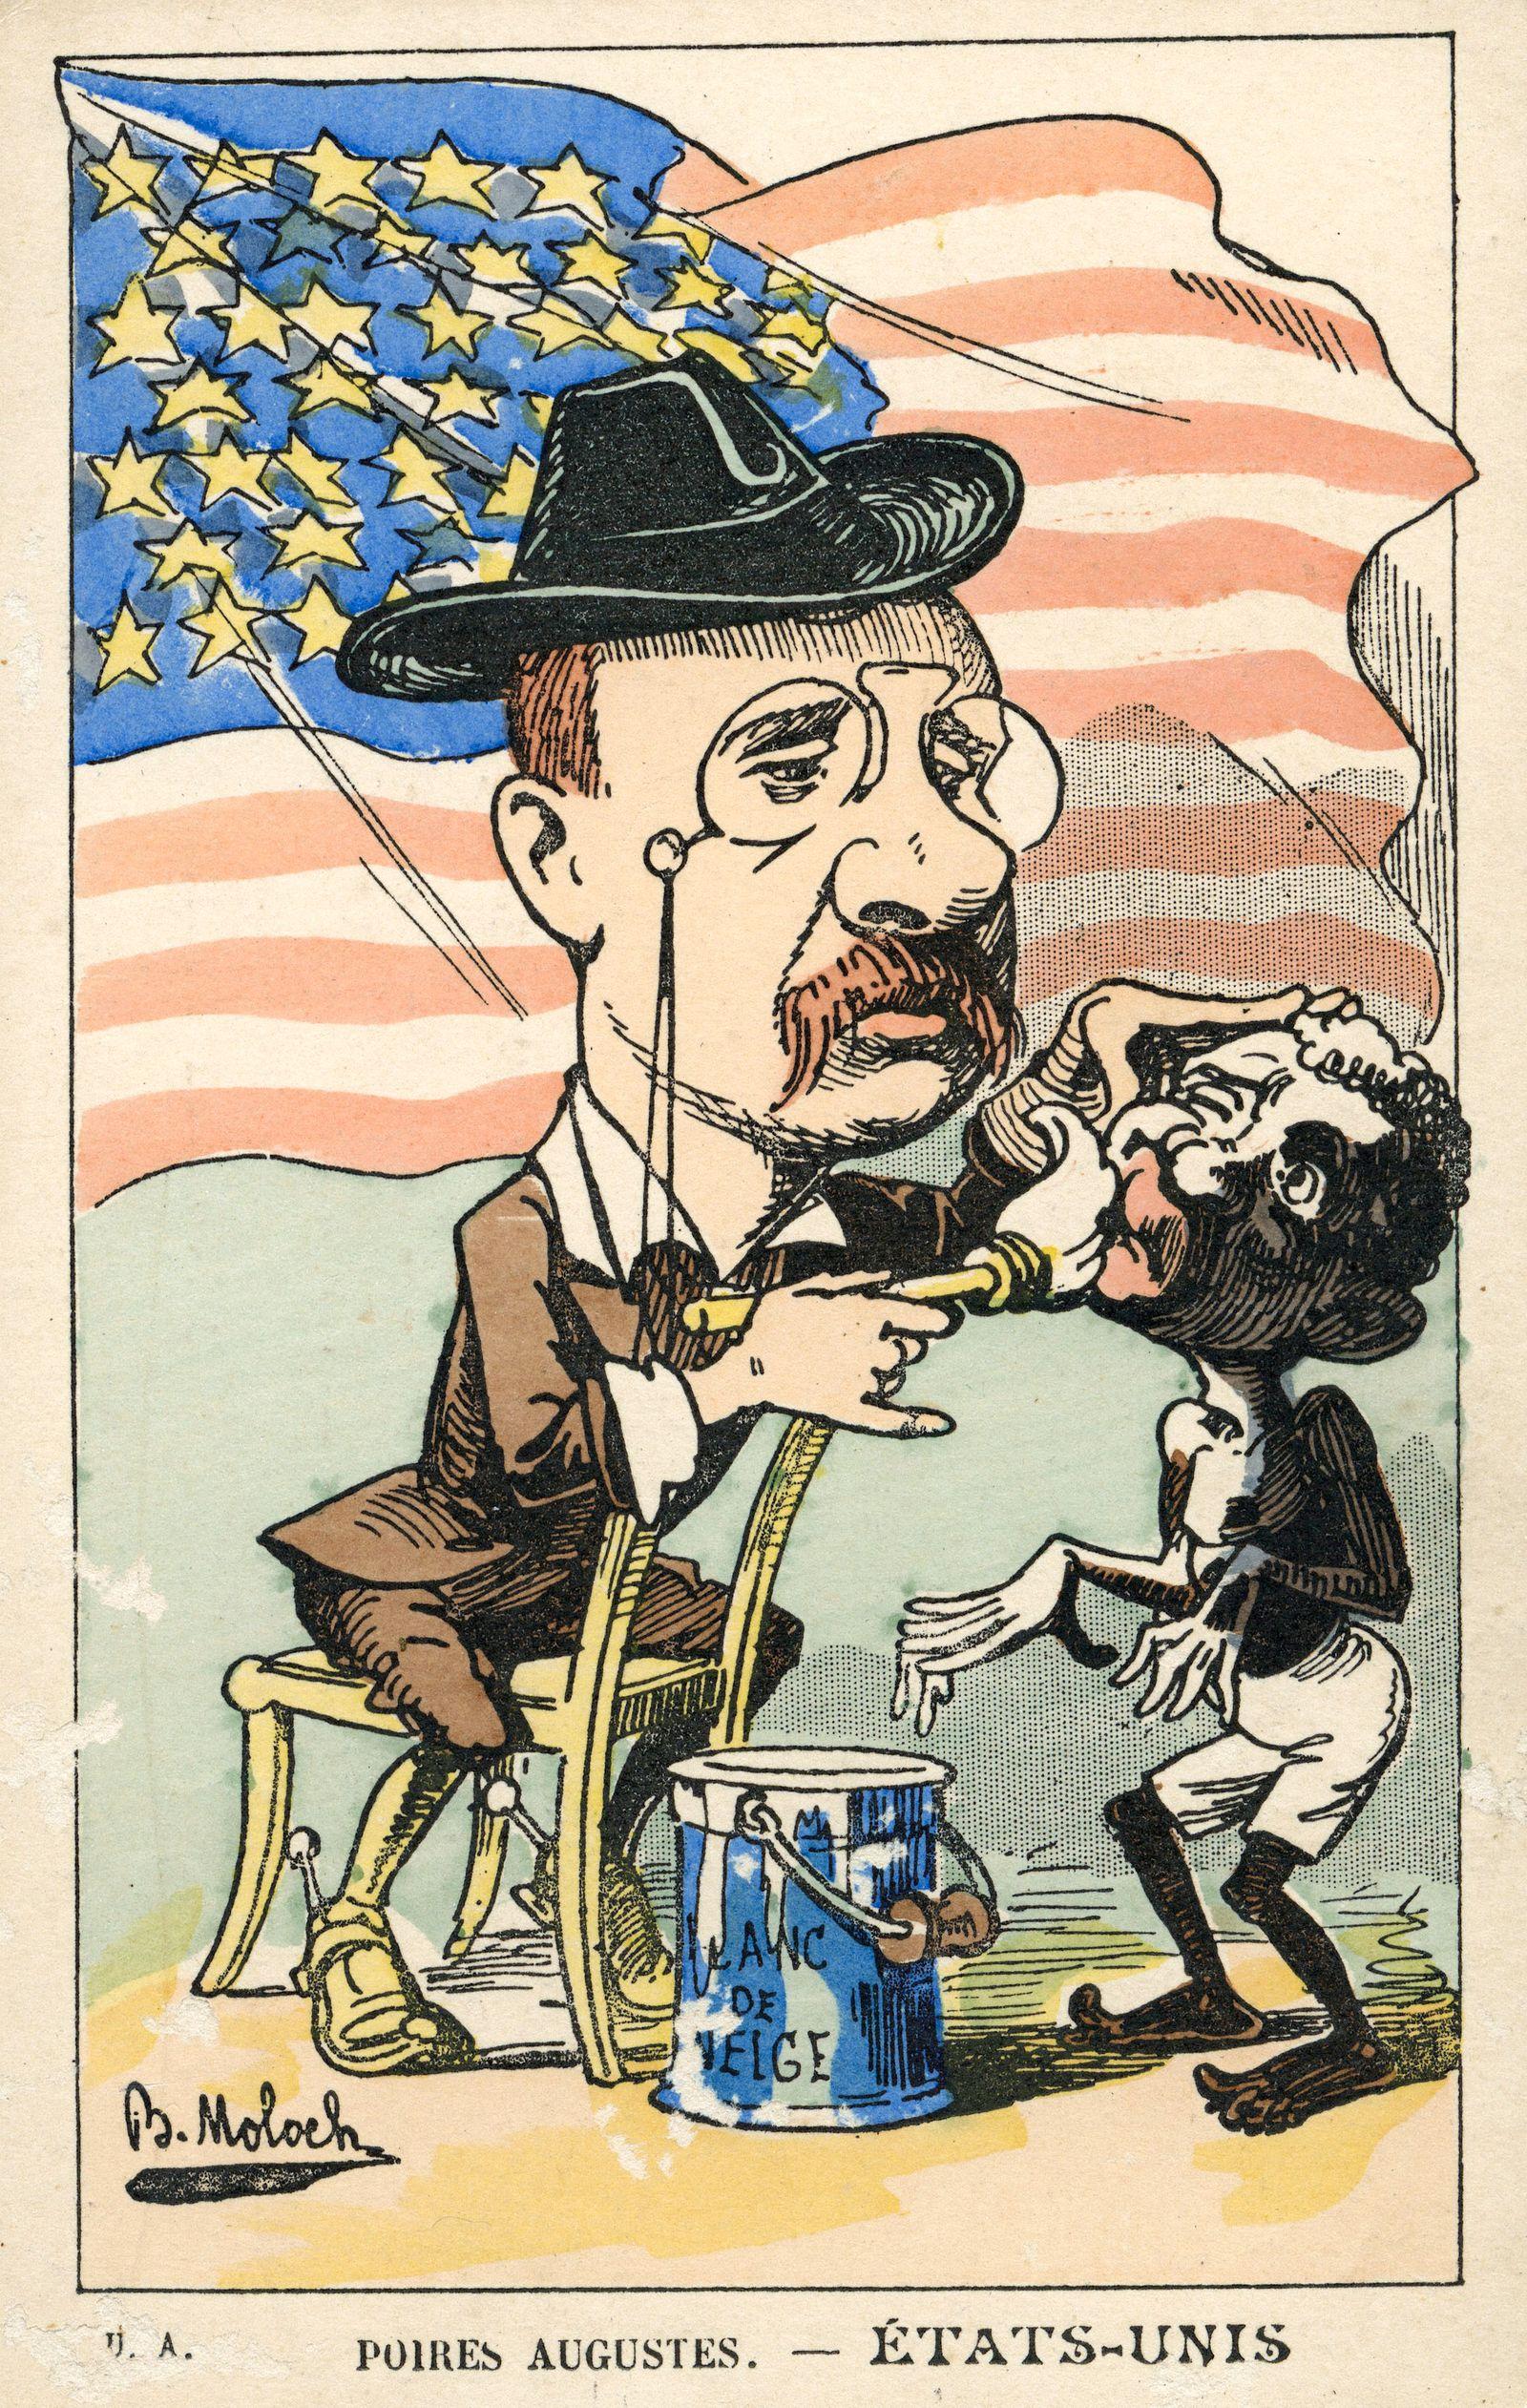 Theodore ROOSEVELT Theodore ROOSEVELT (1858-1919) peignant un noir au blanc de neige. Caricature vers 1905 par MOLOCH (1